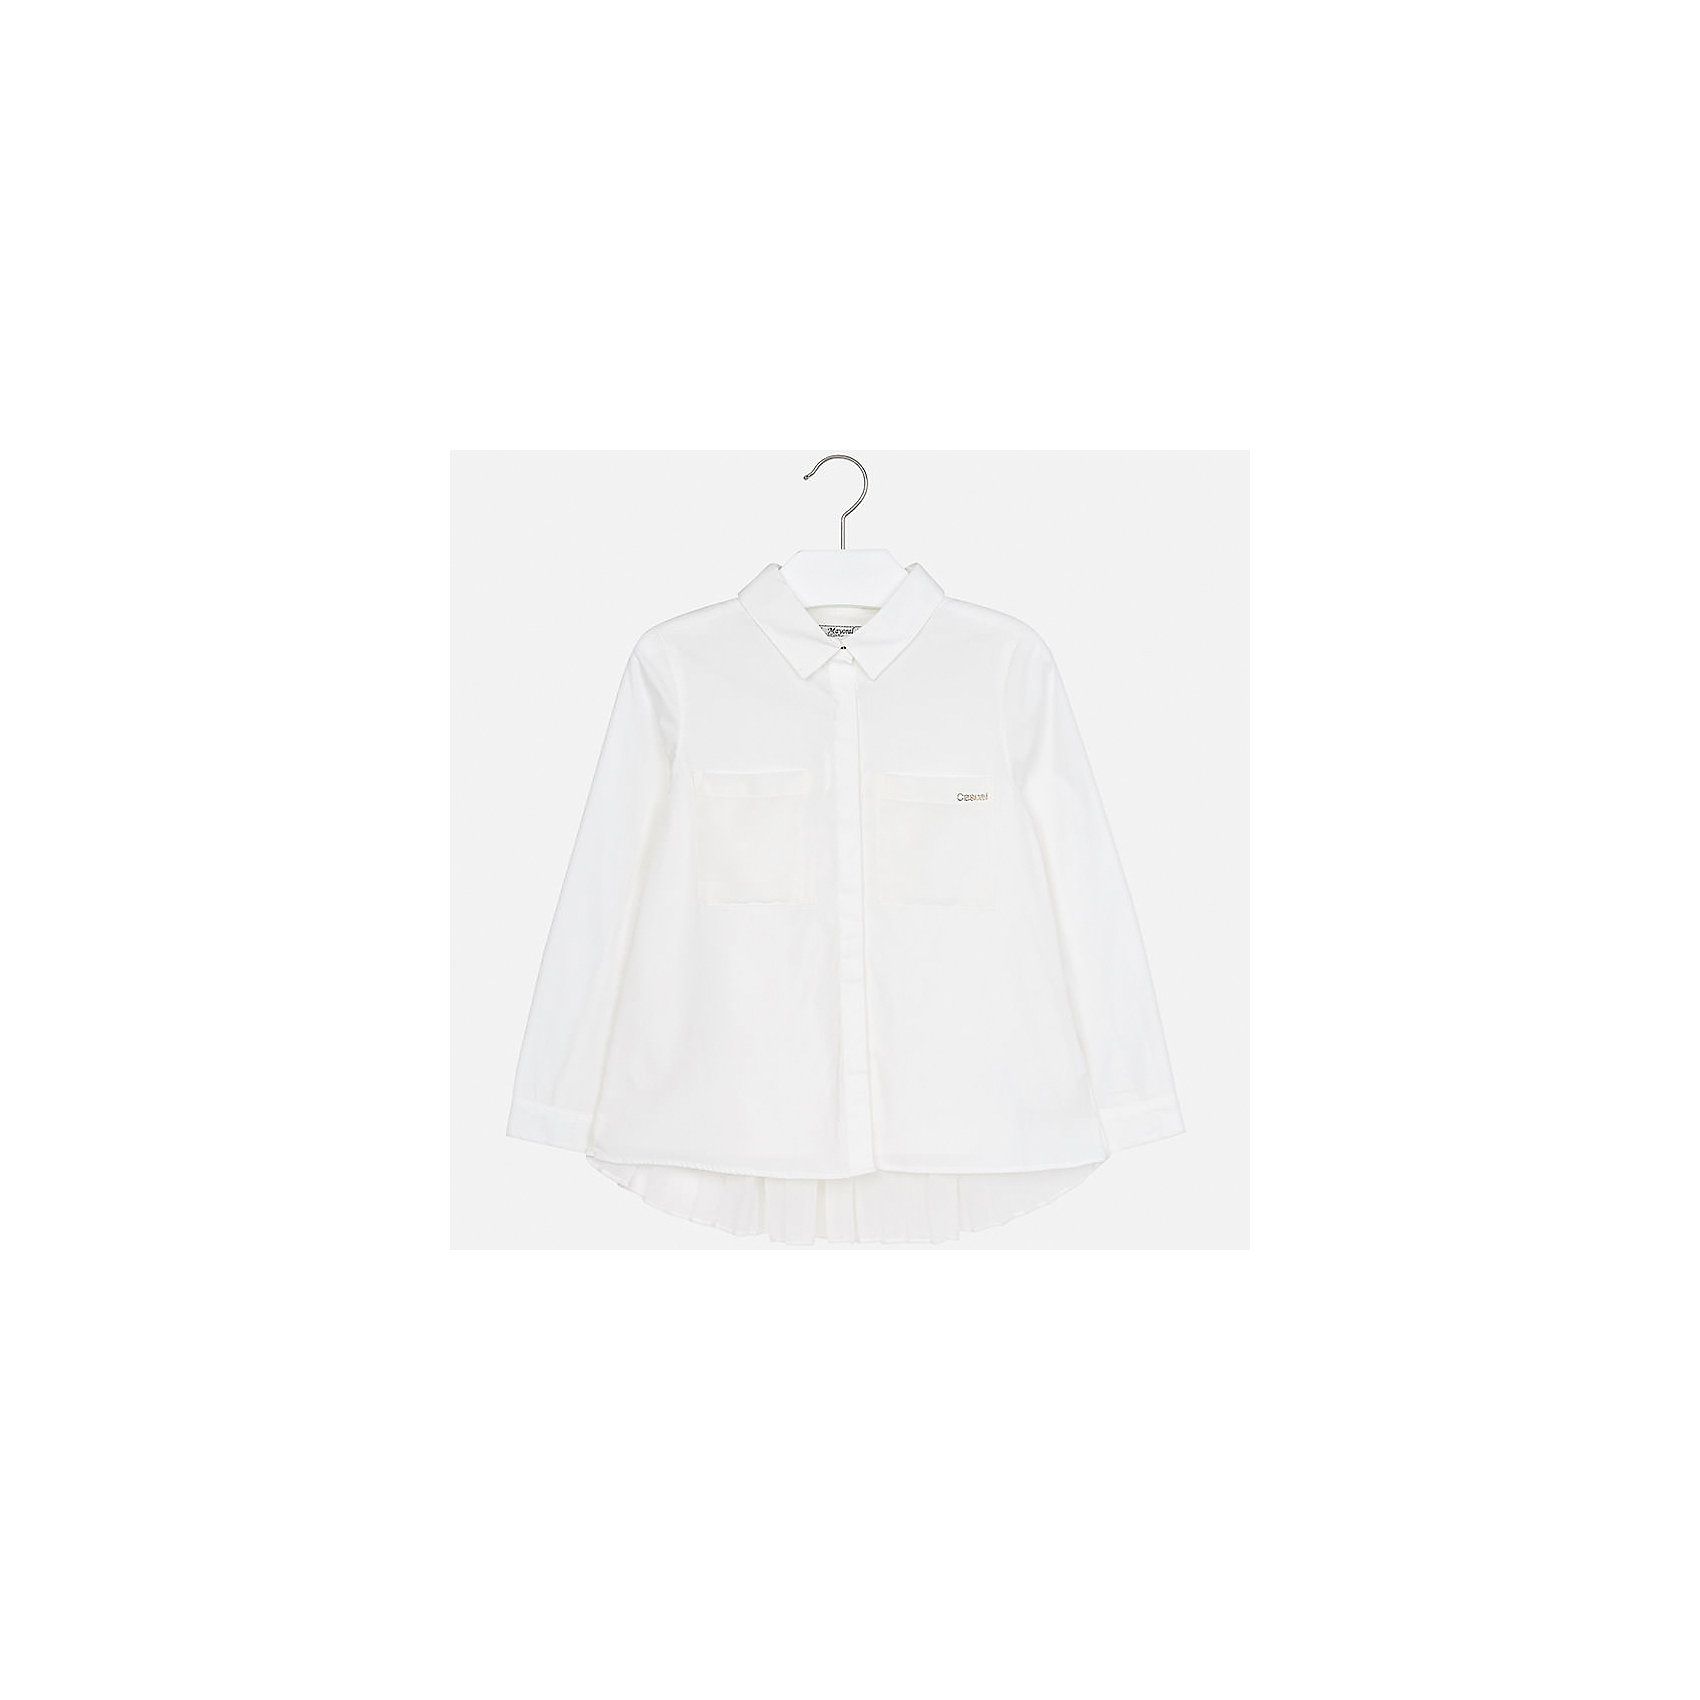 Рубашка Mayoral для девочкиБлузки и рубашки<br>Характеристики товара:<br><br>• цвет: бежевый<br>• состав ткани: 100% хлопок<br>• длинные рукава<br>• сезон: круглый год<br>• особенности модели: школьная<br>• застежка: пуговицы<br>• страна бренда: Испания<br>• страна изготовитель: Индия<br><br>Белая стильная блузка для девочки от популярного бренда Mayoral отличается наличием отложного воротника и карманов на груди. Детская блузка смотрится аккуратно и стильно.<br><br>В одежде от испанской компании Майорал ребенок будет выглядеть модно, а чувствовать себя - комфортно. Целая команда европейских талантливых дизайнеров работает над созданием стильных и оригинальных моделей одежды.<br><br>Блузку для девочки Mayoral (Майорал) можно купить в нашем интернет-магазине.<br><br>Ширина мм: 186<br>Глубина мм: 87<br>Высота мм: 198<br>Вес г: 197<br>Цвет: белый<br>Возраст от месяцев: 96<br>Возраст до месяцев: 108<br>Пол: Женский<br>Возраст: Детский<br>Размер: 128/134,170,164,158,152,140<br>SKU: 6921718